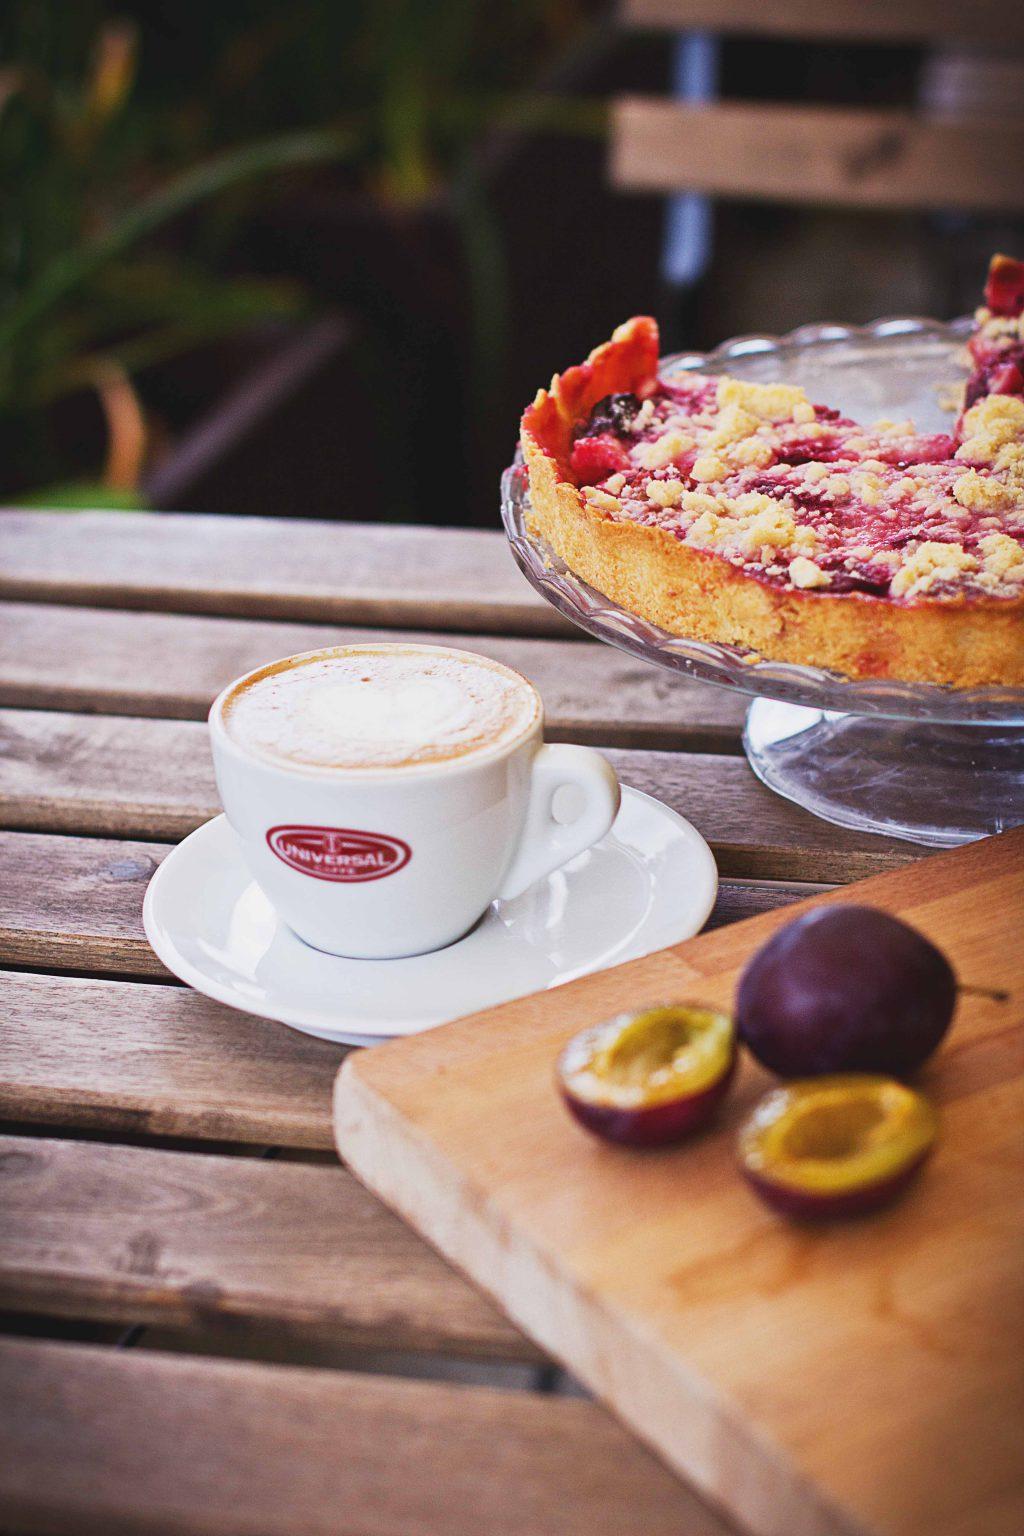 Pie, coffee & plums - free stock photo